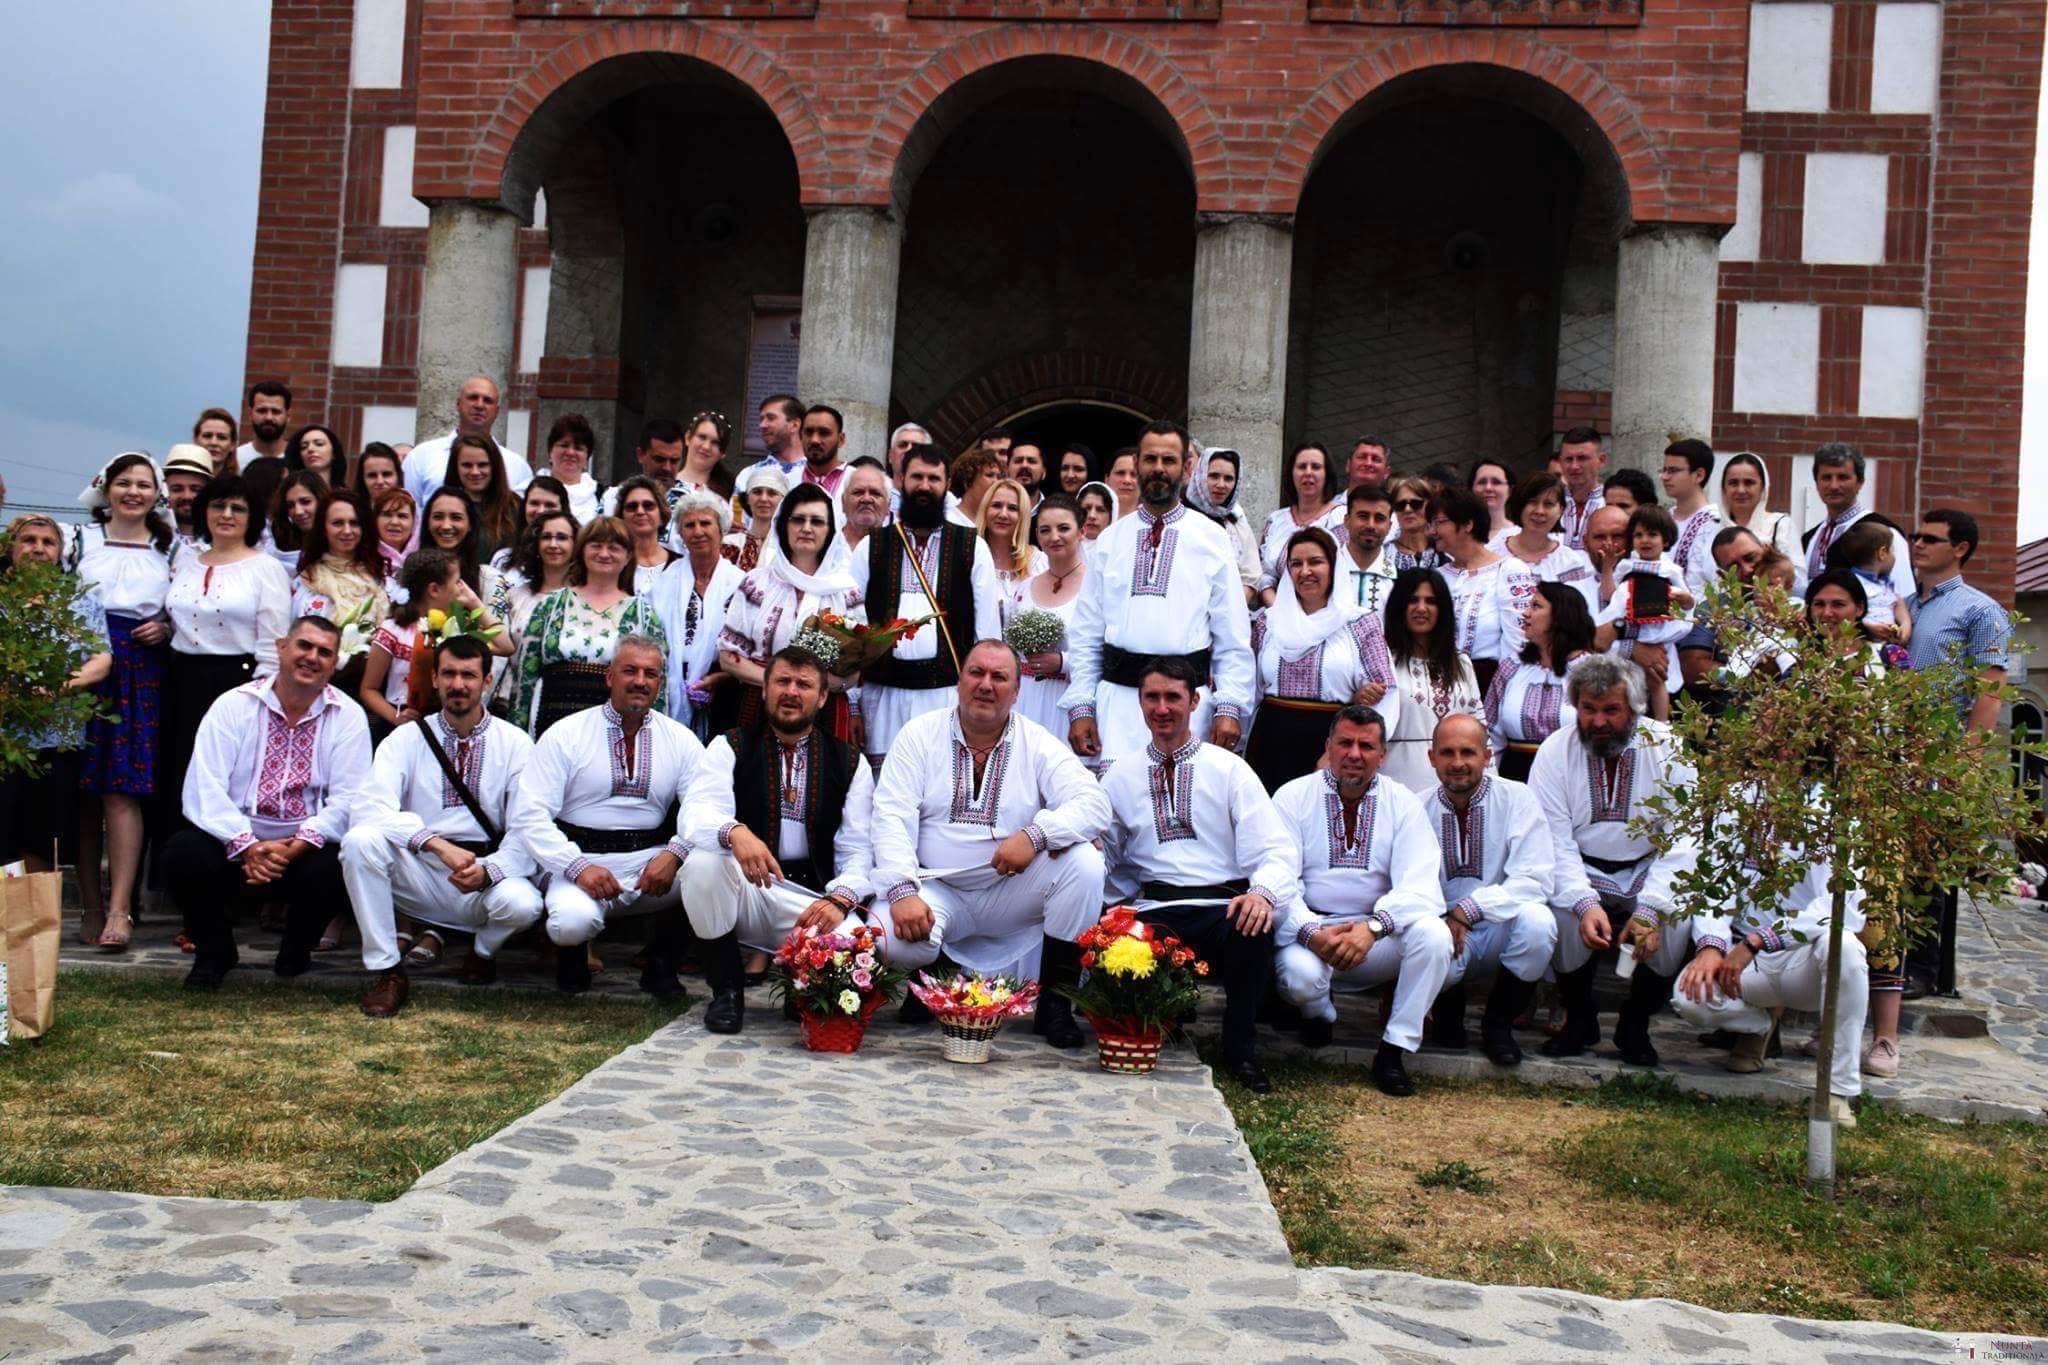 Povești Nunți Tradiționale - George Gabriel și Alexandra Buzatu, nuntă tradițională în Strejnicu, Prahova 2